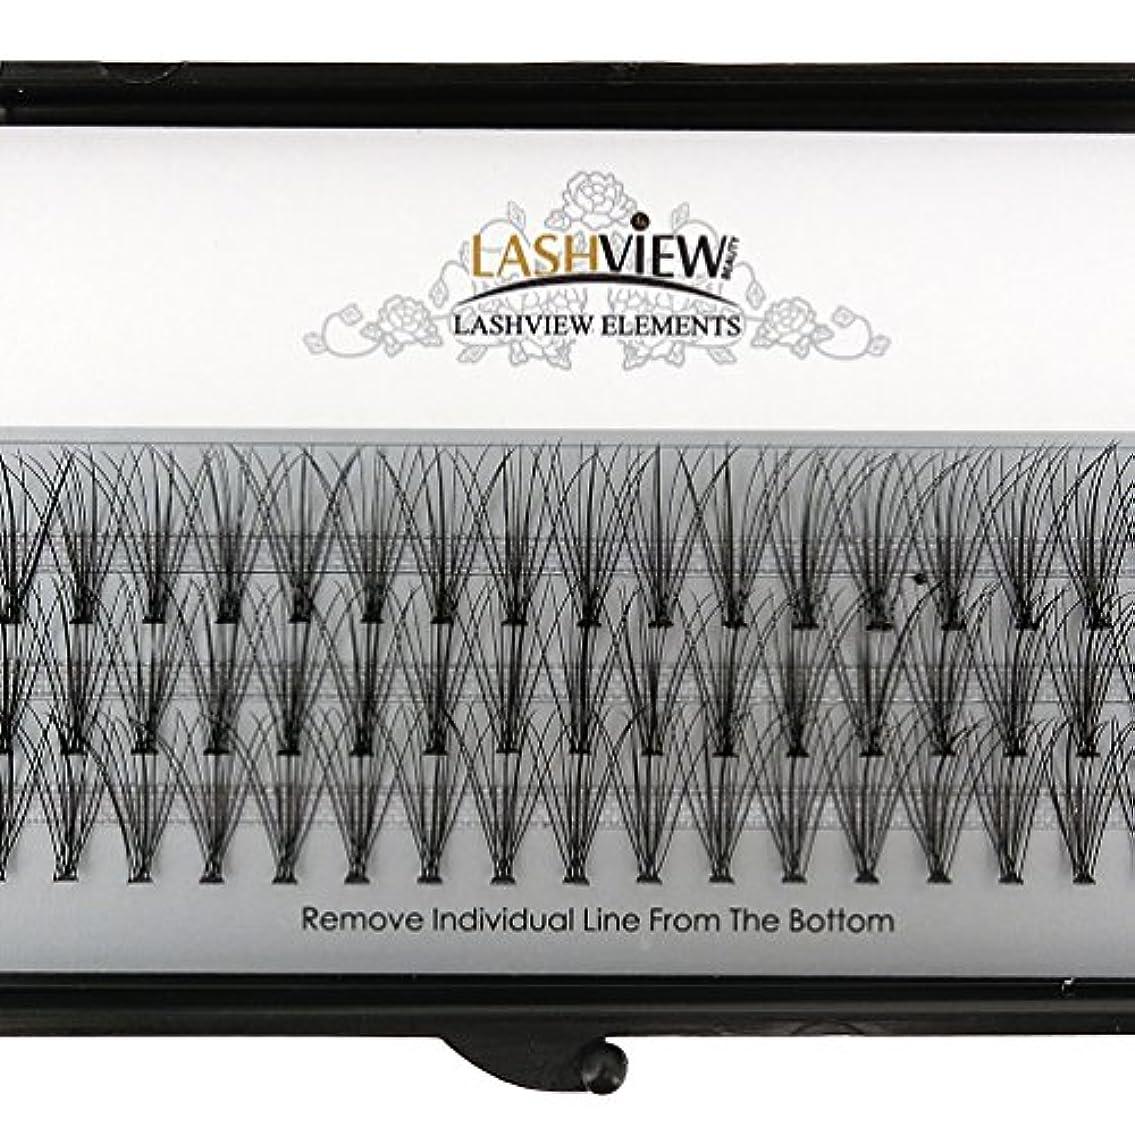 ネスト下位デンマーク語LASHVIEW 高品質まつげエクステ太さ0.10mm Cカール フレア セルフ用 素材 10本束12mm マツエク